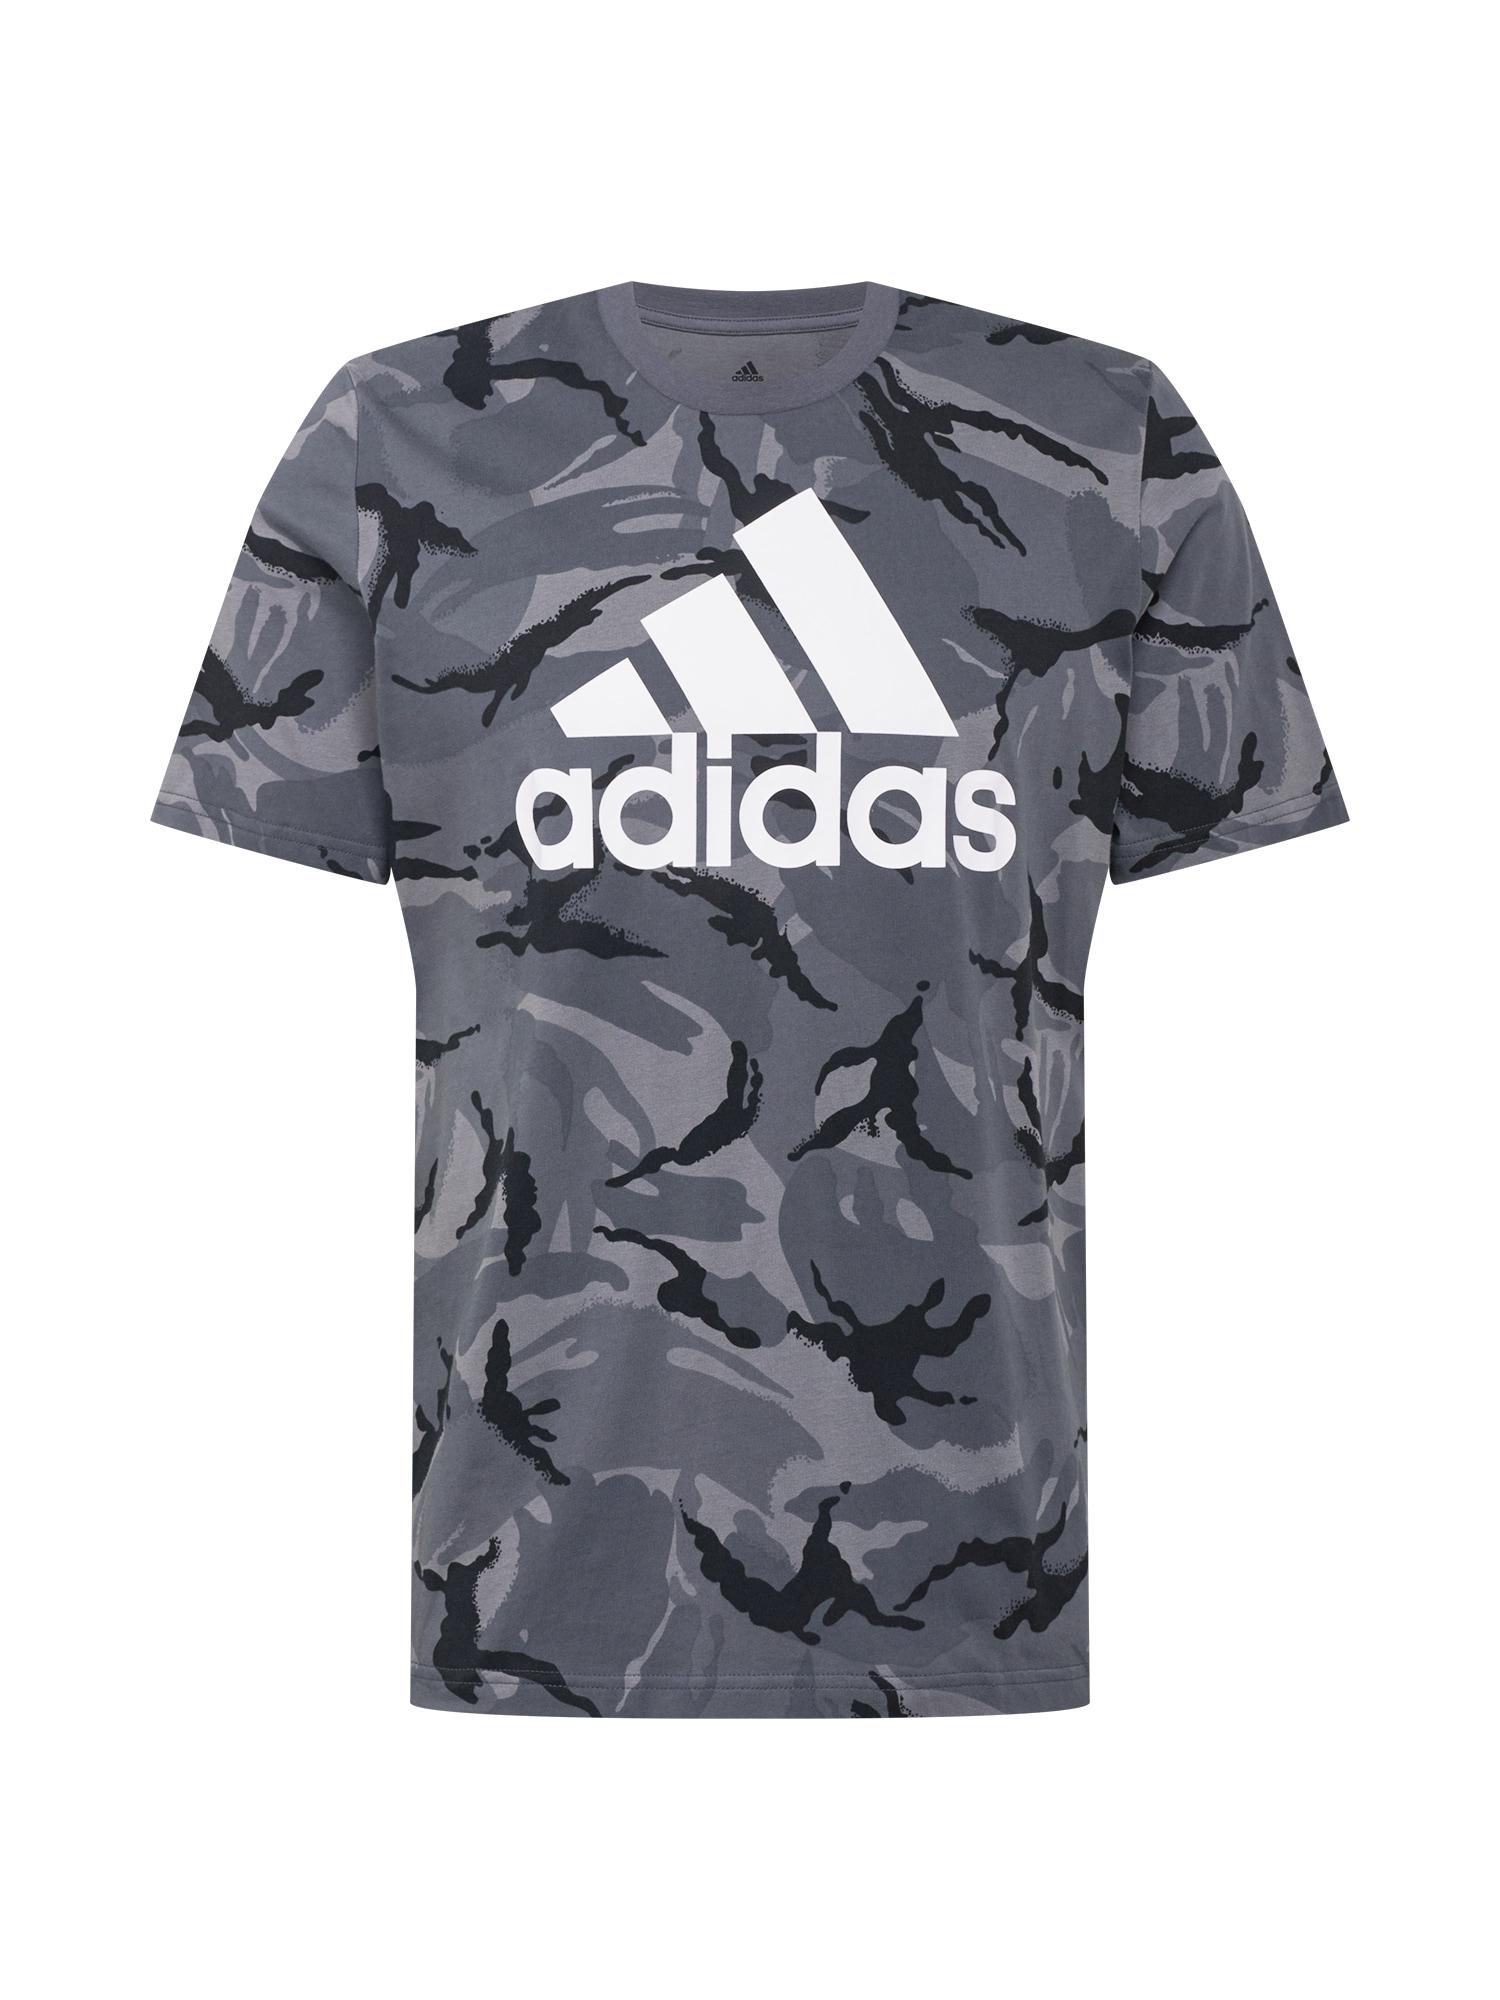 ADIDAS PERFORMANCE Marškinėliai antracito / pilka / balta